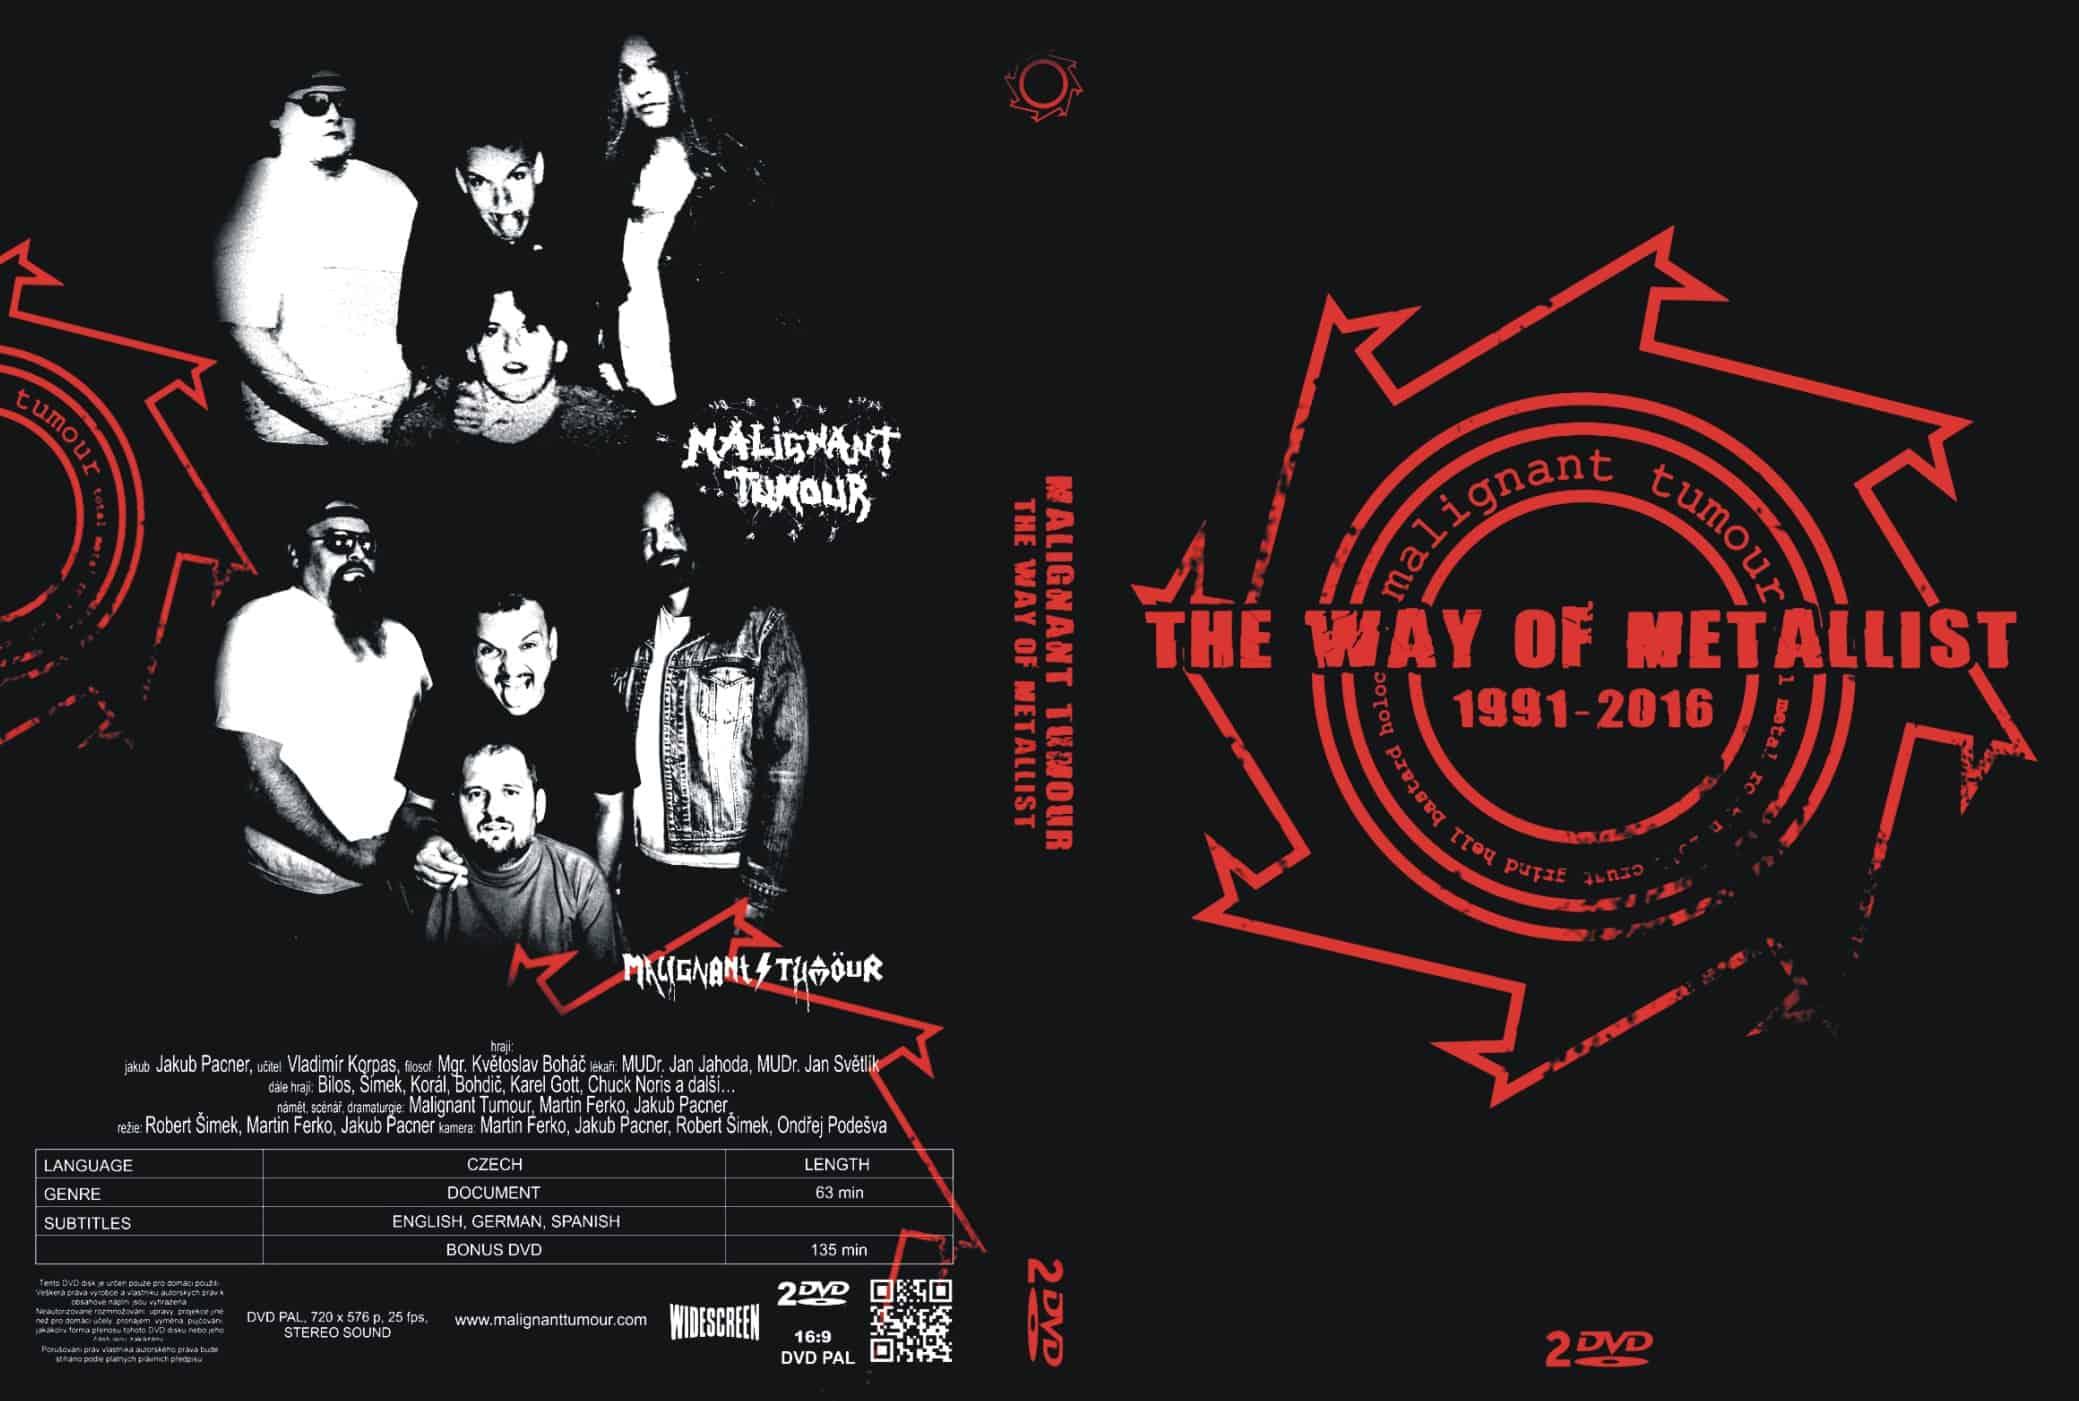 Movie The Way of Metallist on Youtube